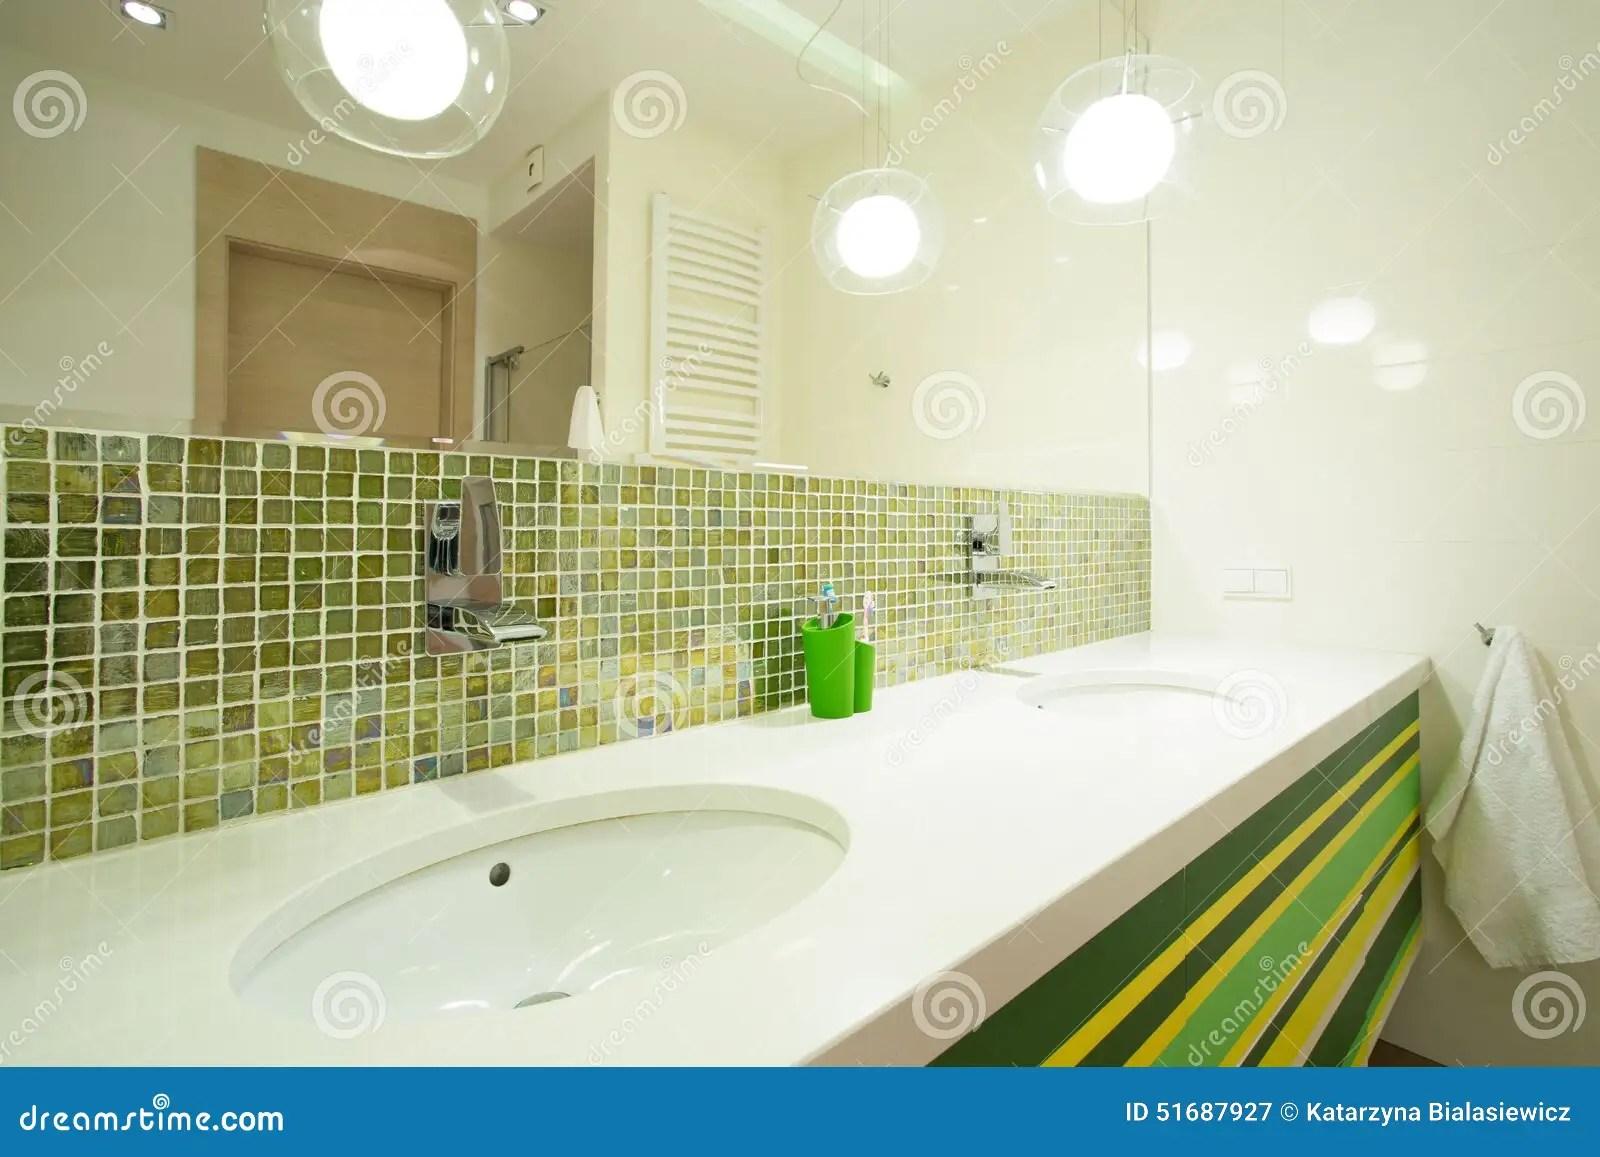 Mattonelle Bagno Verde Acqua : Bagno arancione e verde palline tappeto bagno colore verde